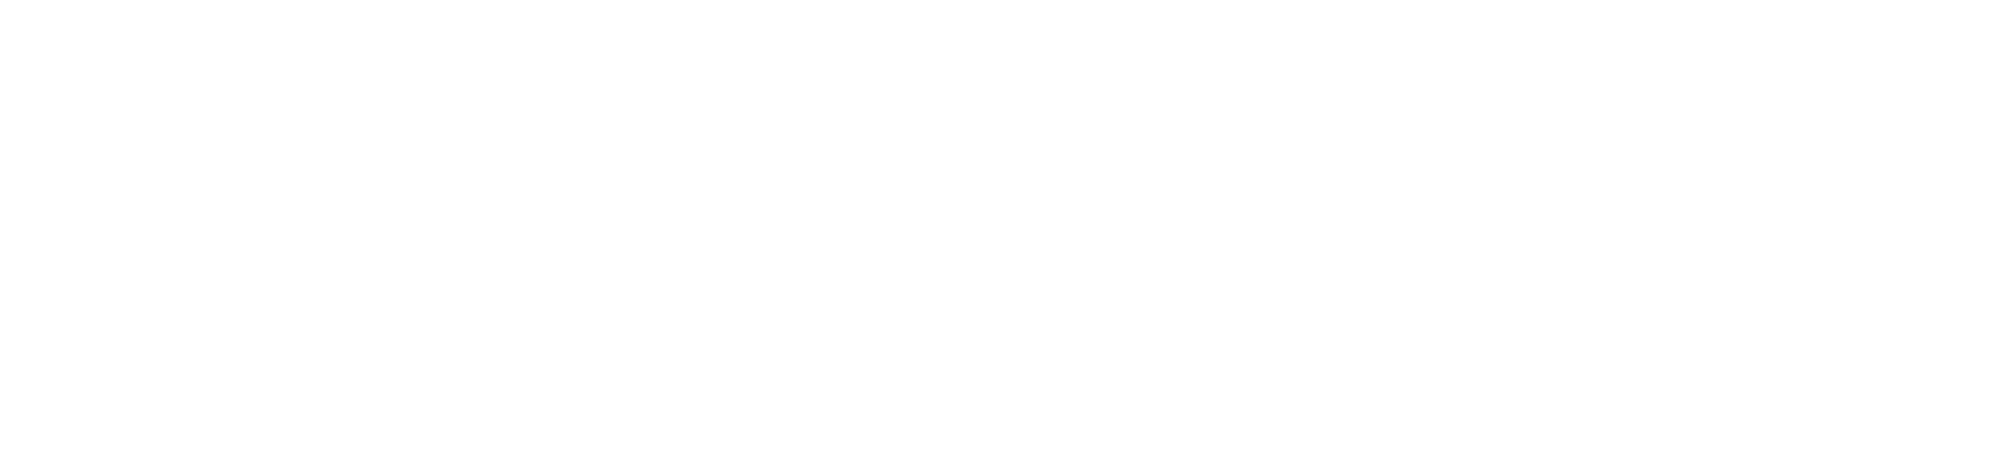 medtronic-logo-transparent centered